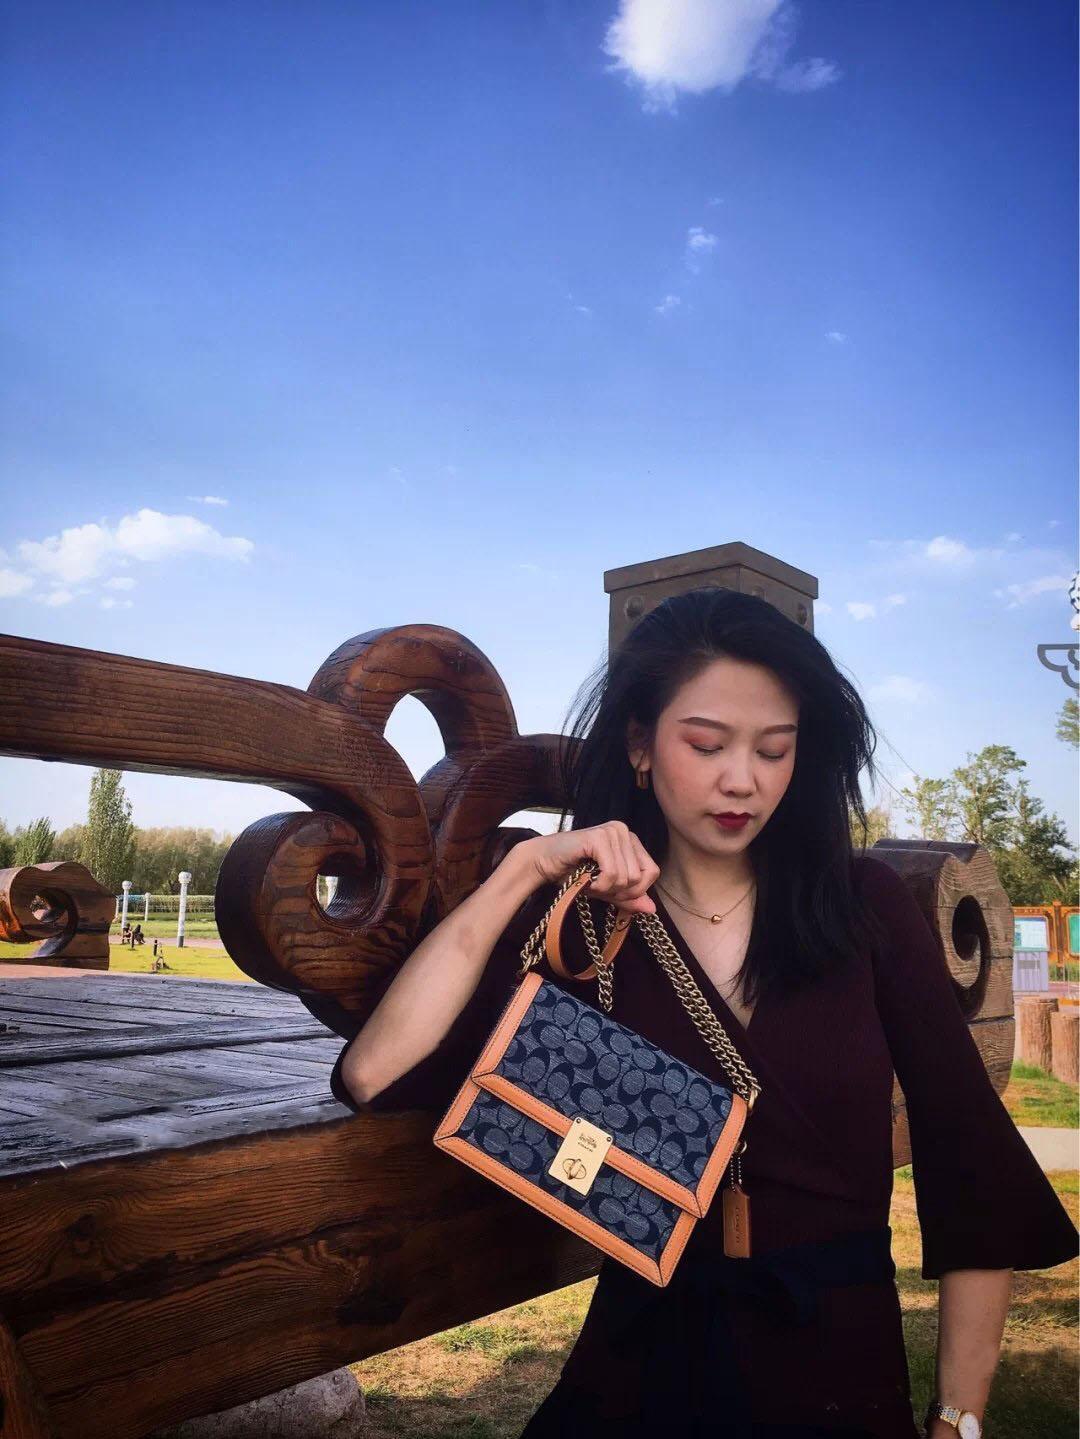 2020 sacs à main vente chaude concepteur de sac femme, portefeuilles, sacs à bandoulière de mode, sacs de selle, mini-sacs, sacs à main, Junlv566, livraison gratuite - 18834